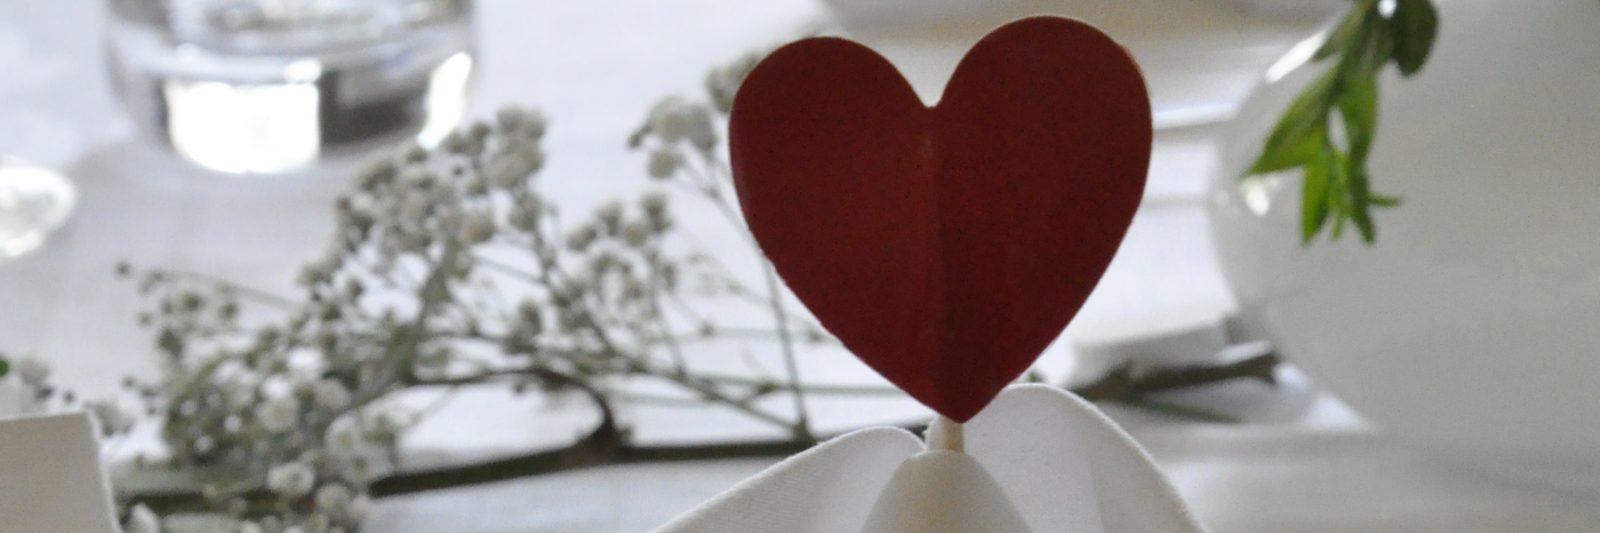 Hochzeit_Herz